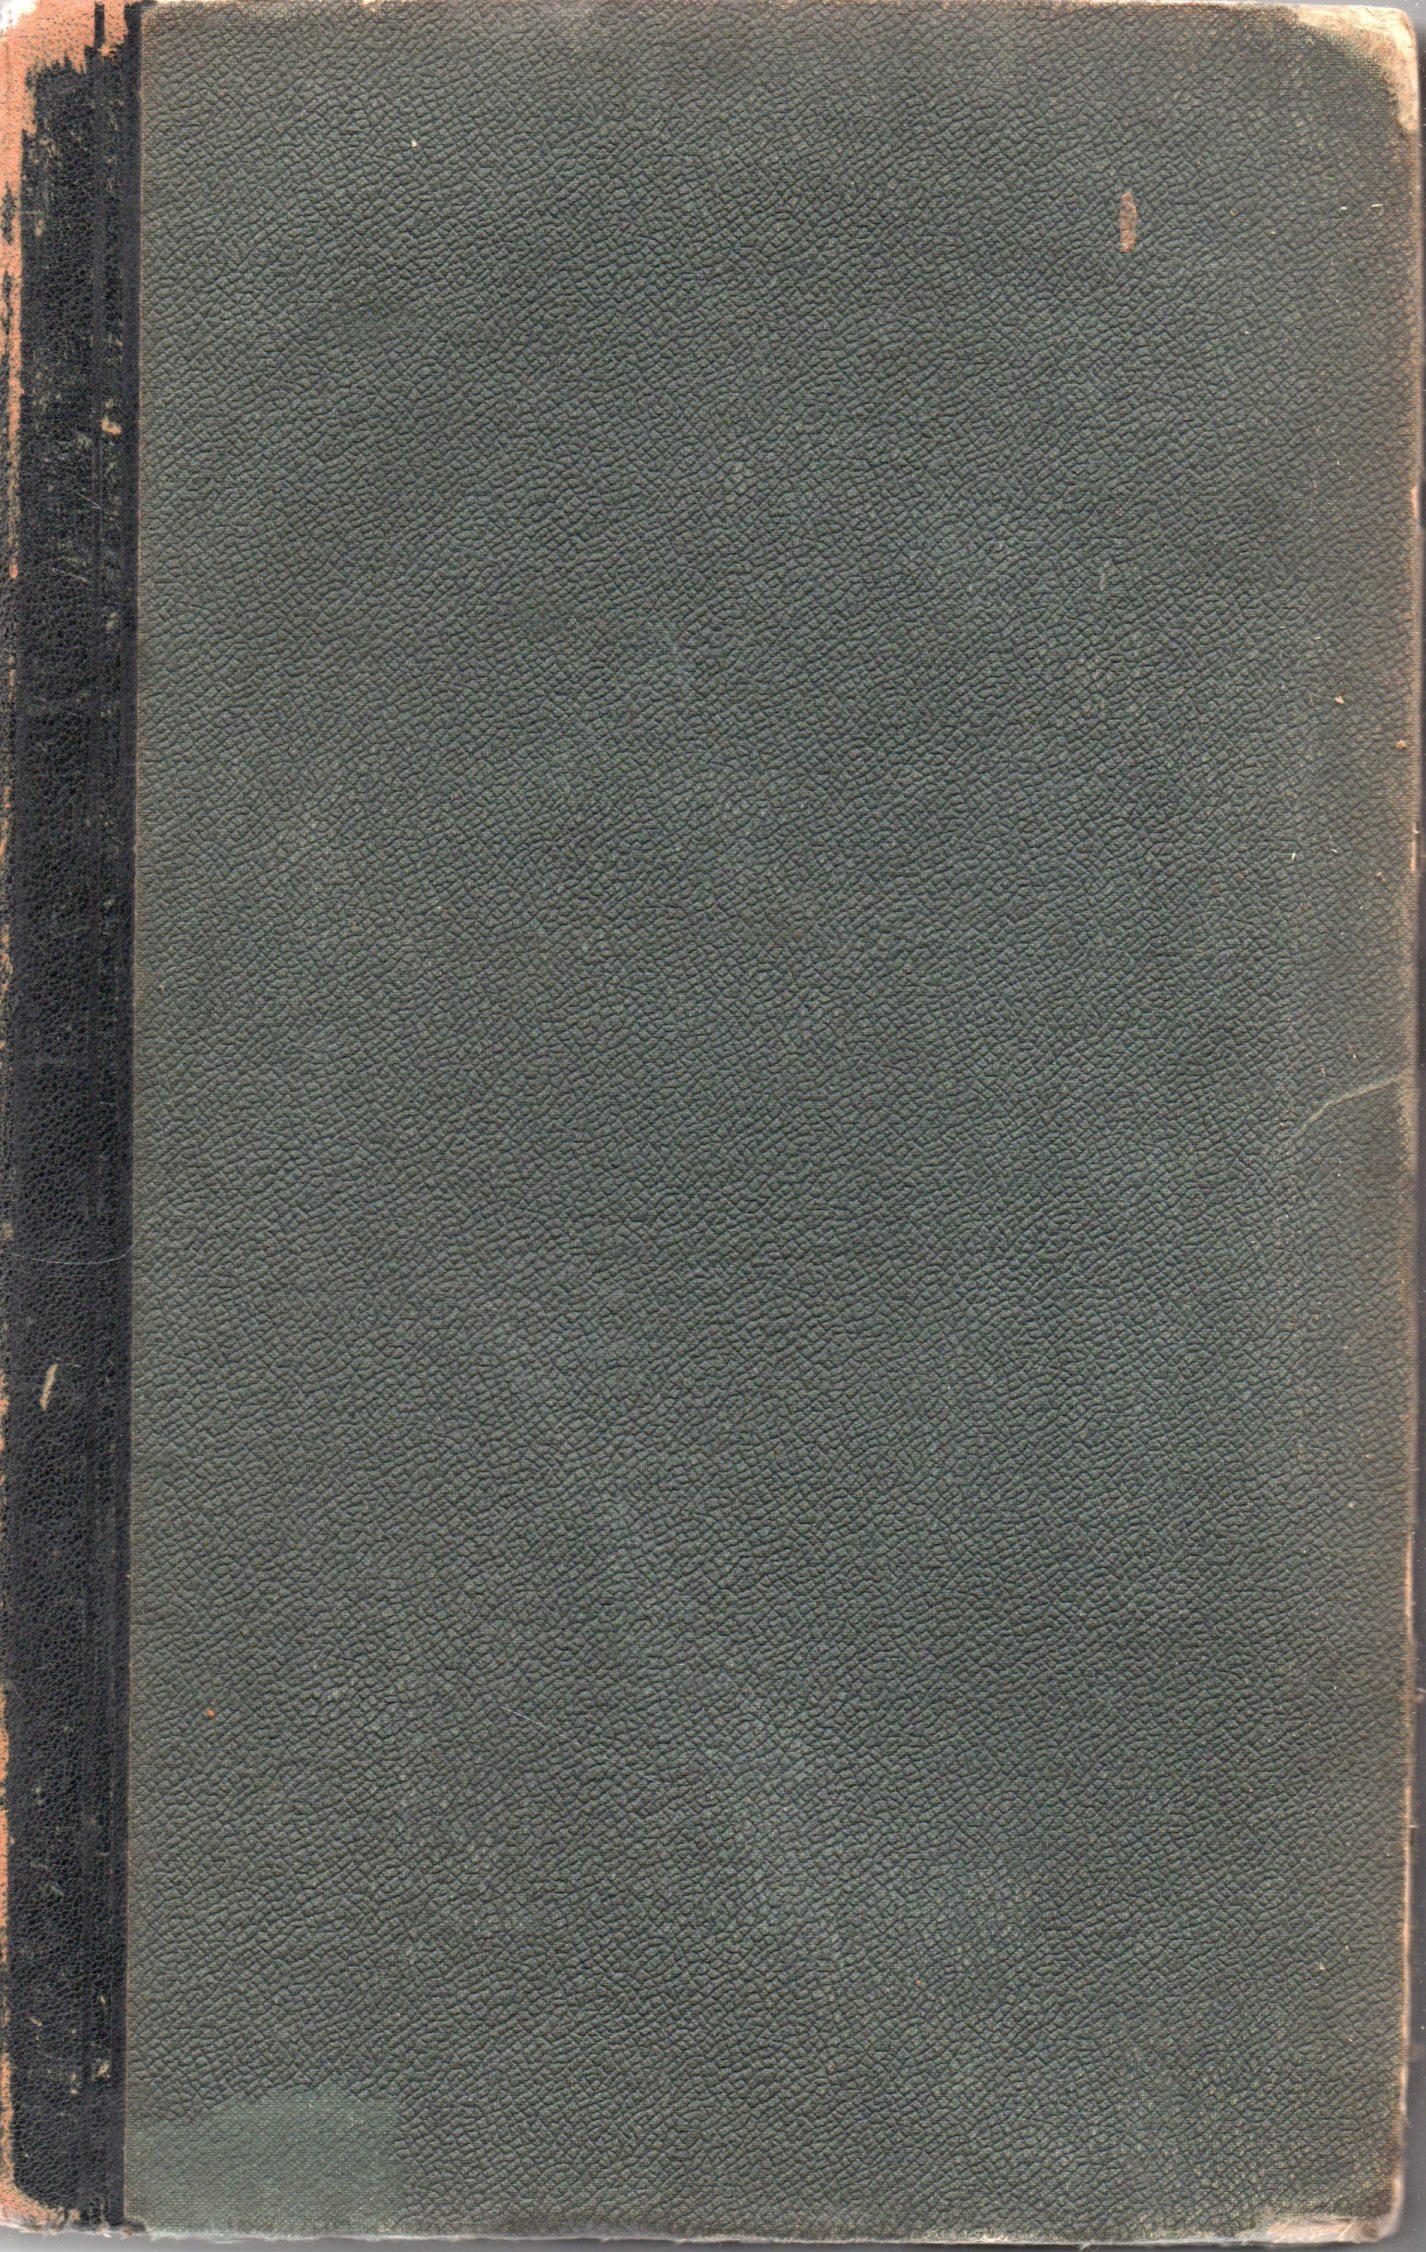 Енциклопедичний словник Брокгауза і Єфрона. Т. ІV